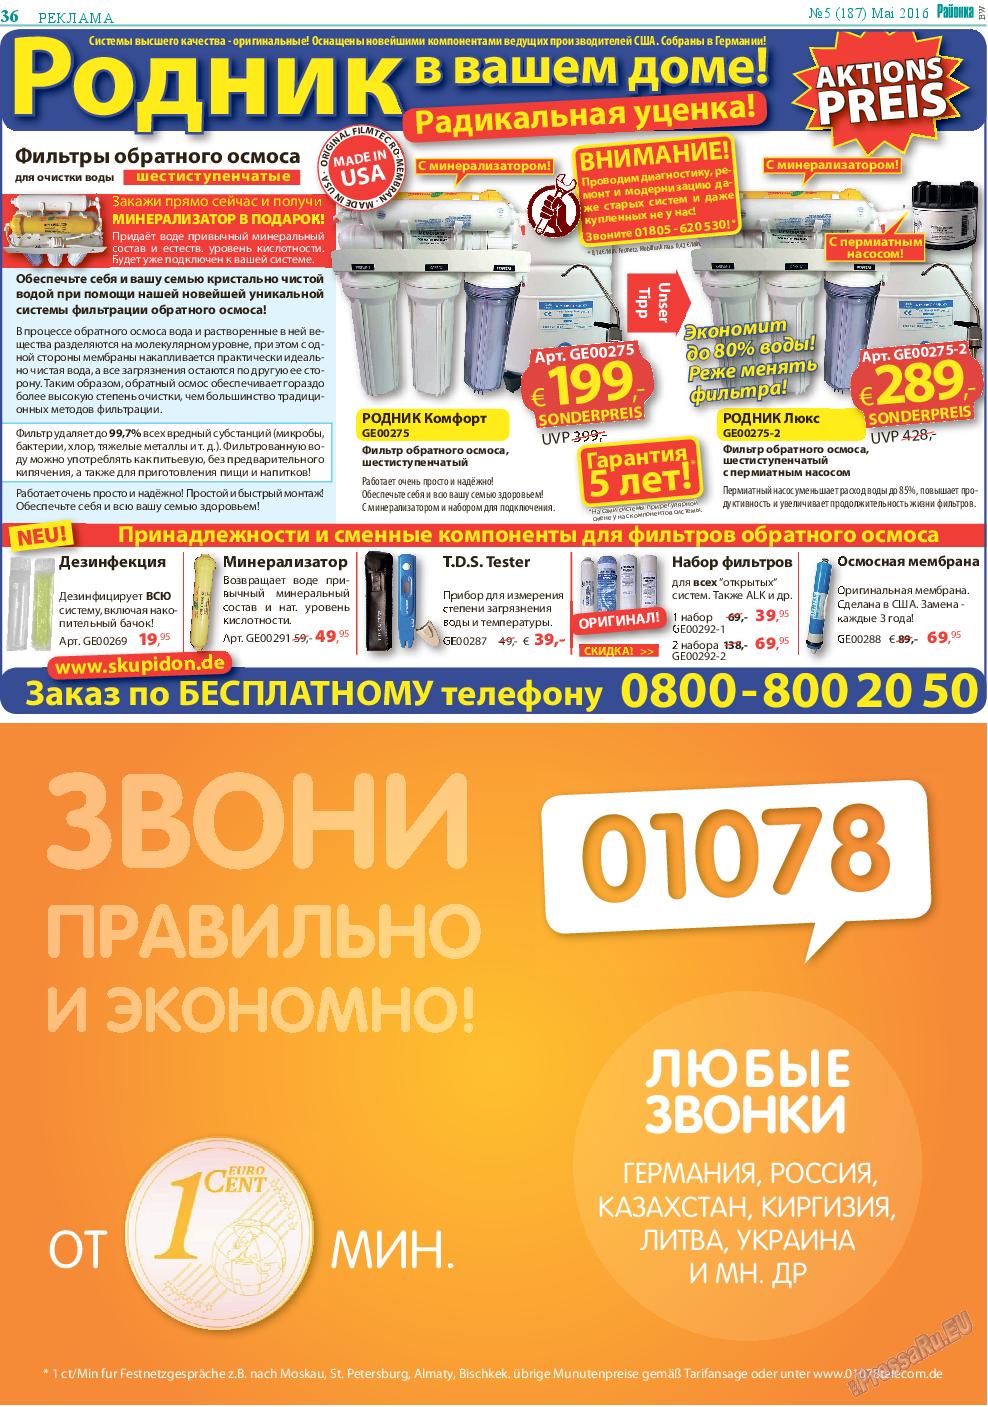 Районка-West (газета). 2016 год, номер 5, стр. 36